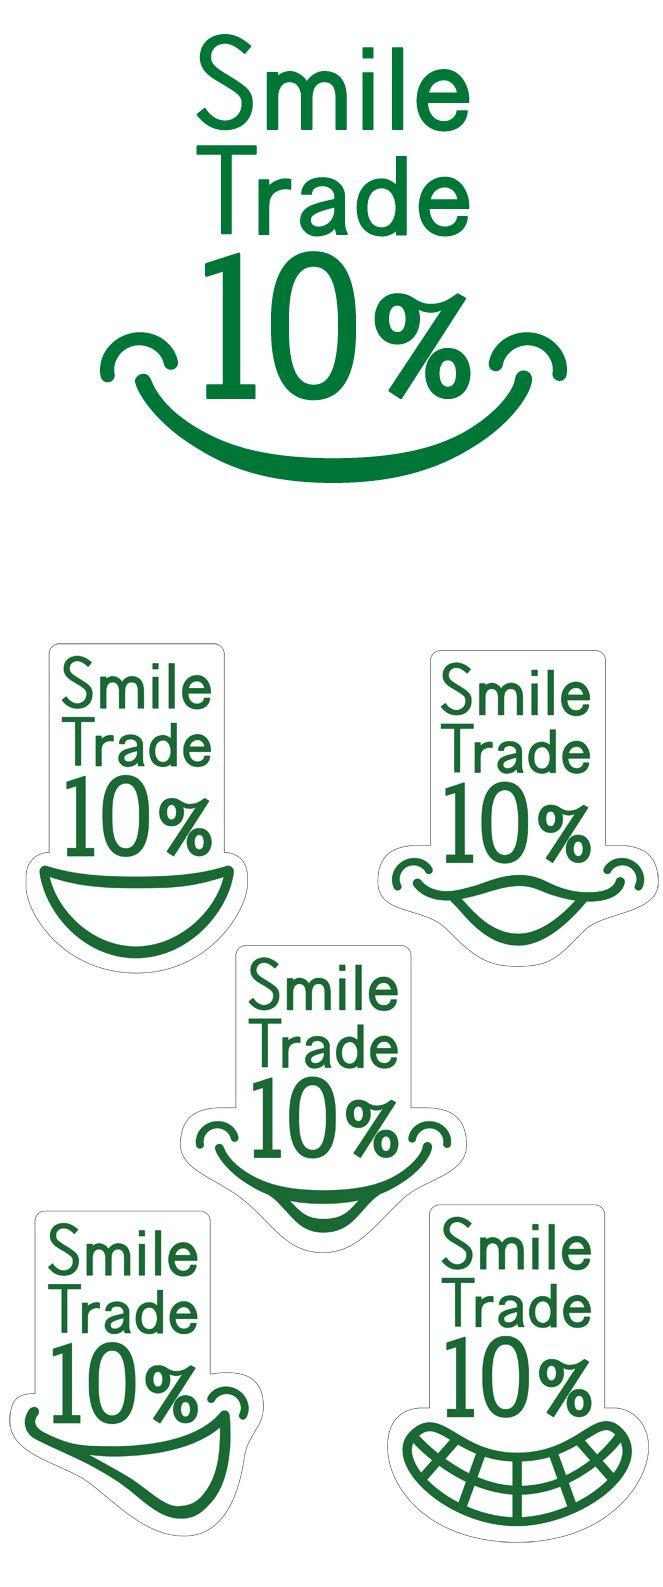 Smile Trade 10%|アカオニデザイン|山形のデザイン事務所|デザイン・ホームページ制作